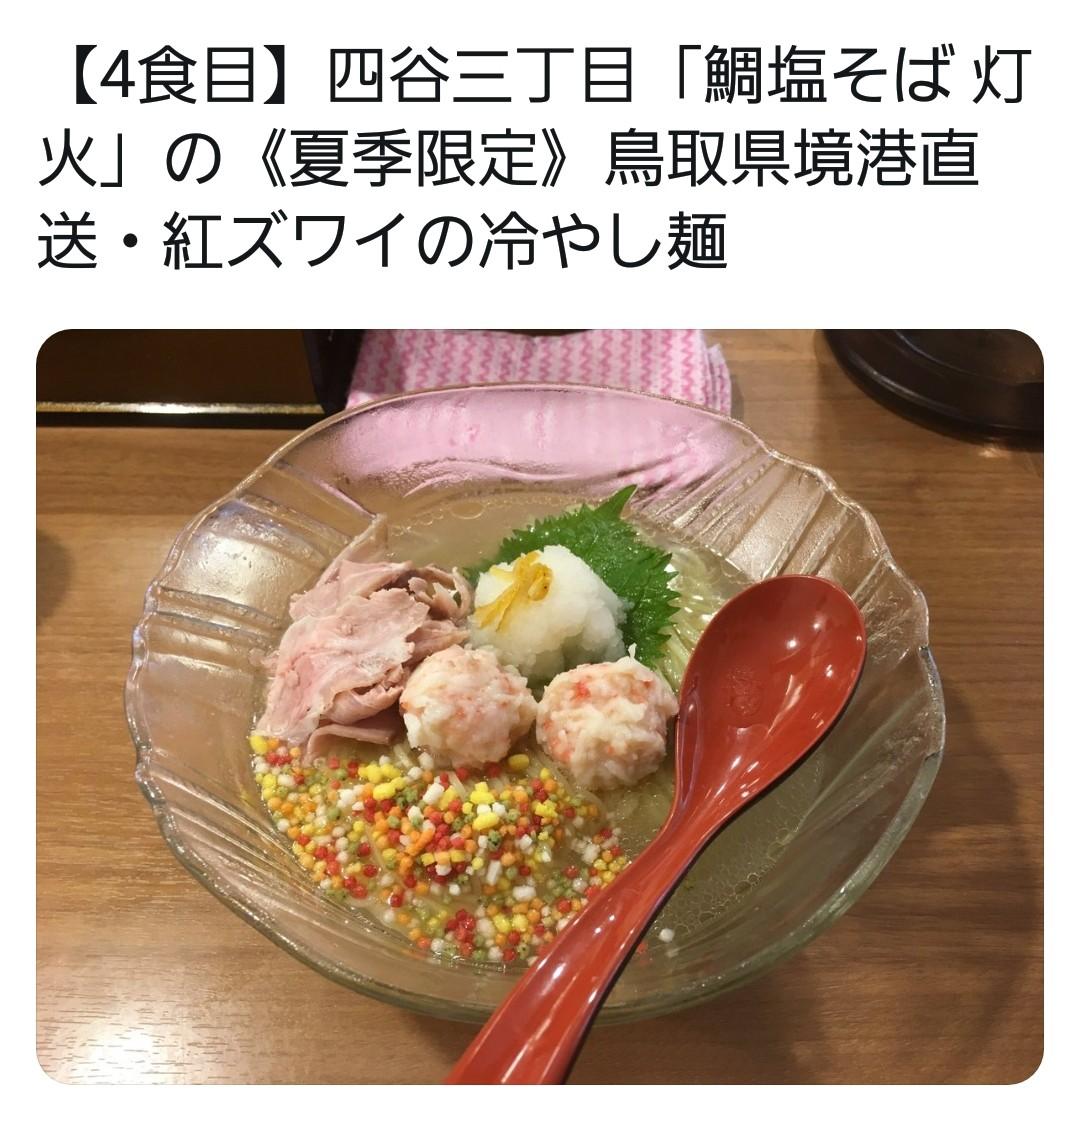 四谷,鳥取,ラーメン店,灯火,紅ズワイの冷やし麺,美味しい,トッピング